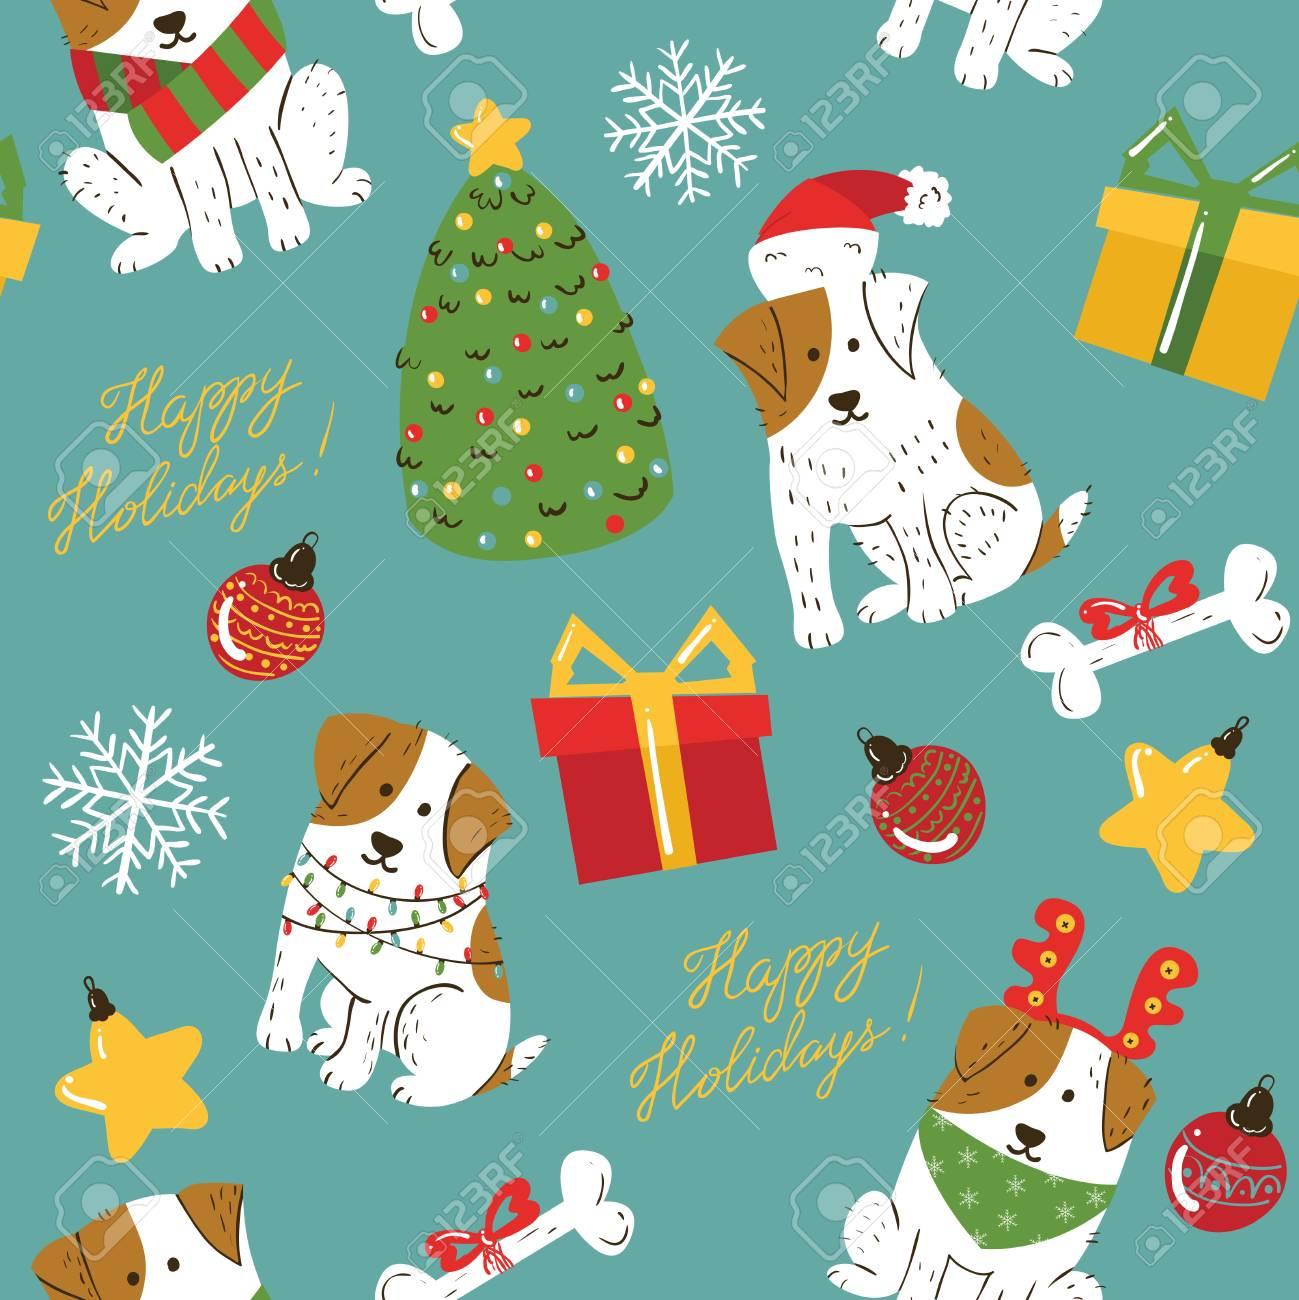 茶色の斑点とクリスマスかわいい白い犬シームレスなパターン クリスマスツリー 装飾 ギフトボックスとレタリングハッピーホリデー壁紙と面白いペット 冬のお祝いベクトルの背景 のイラスト素材 ベクタ Image